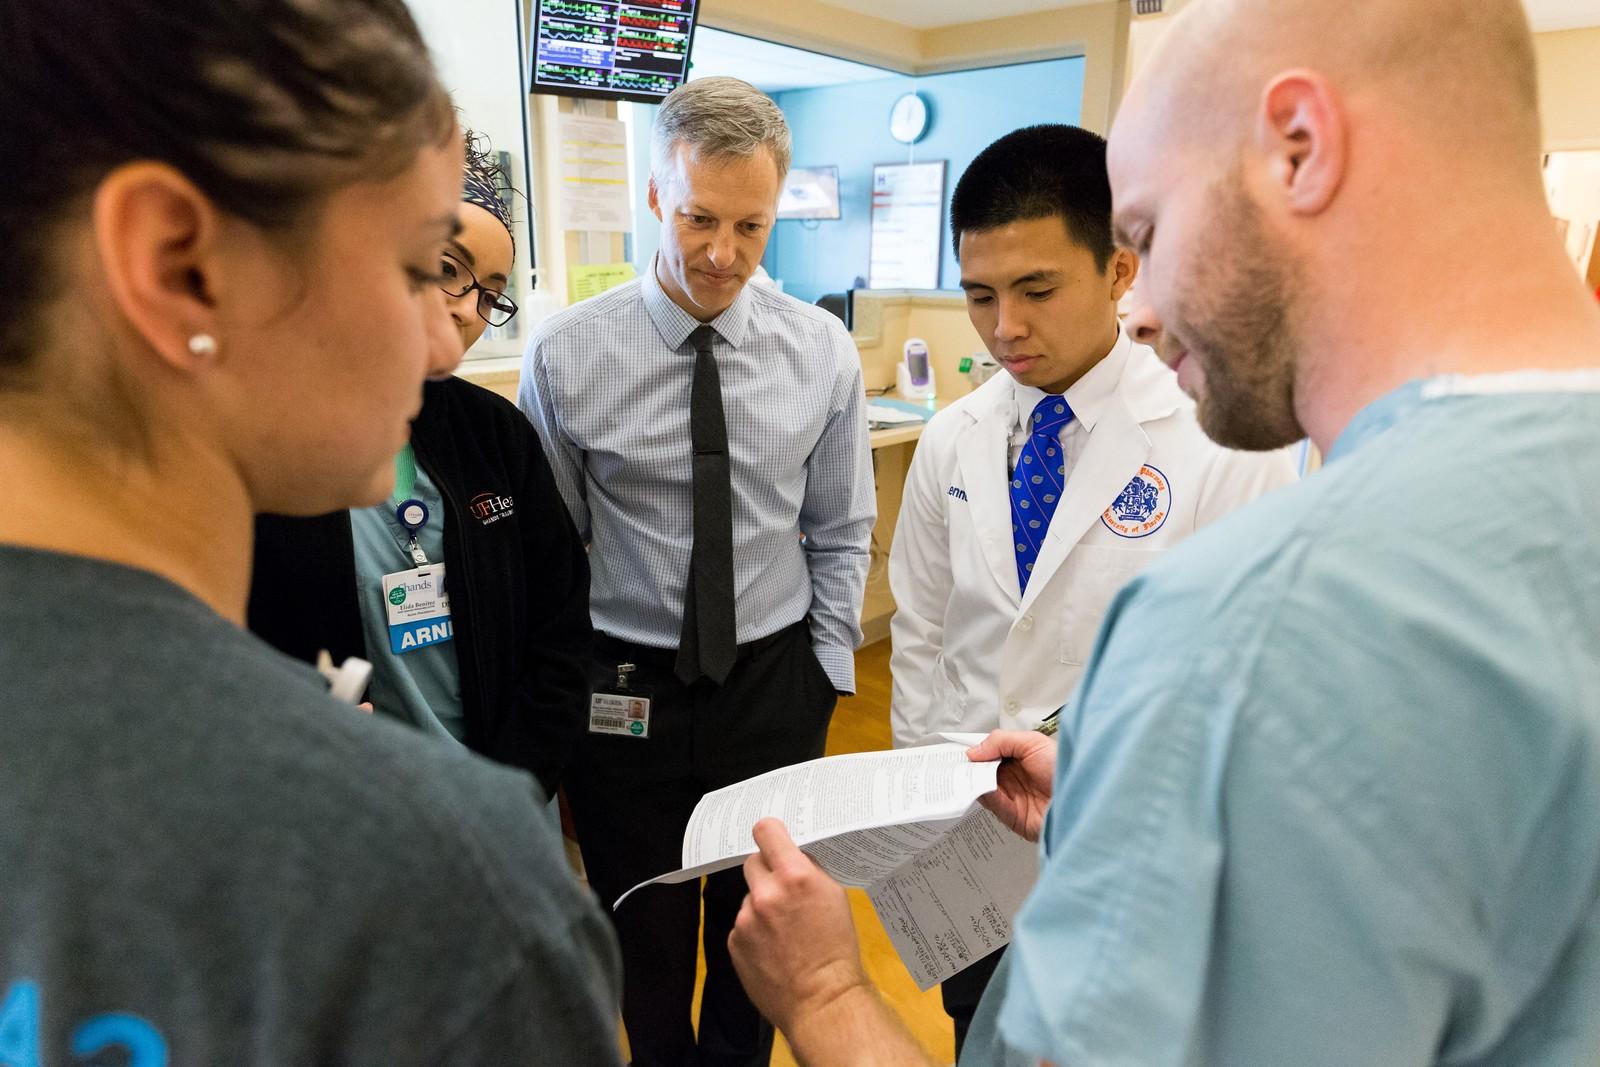 OEP Hospital Rotation Page Photo